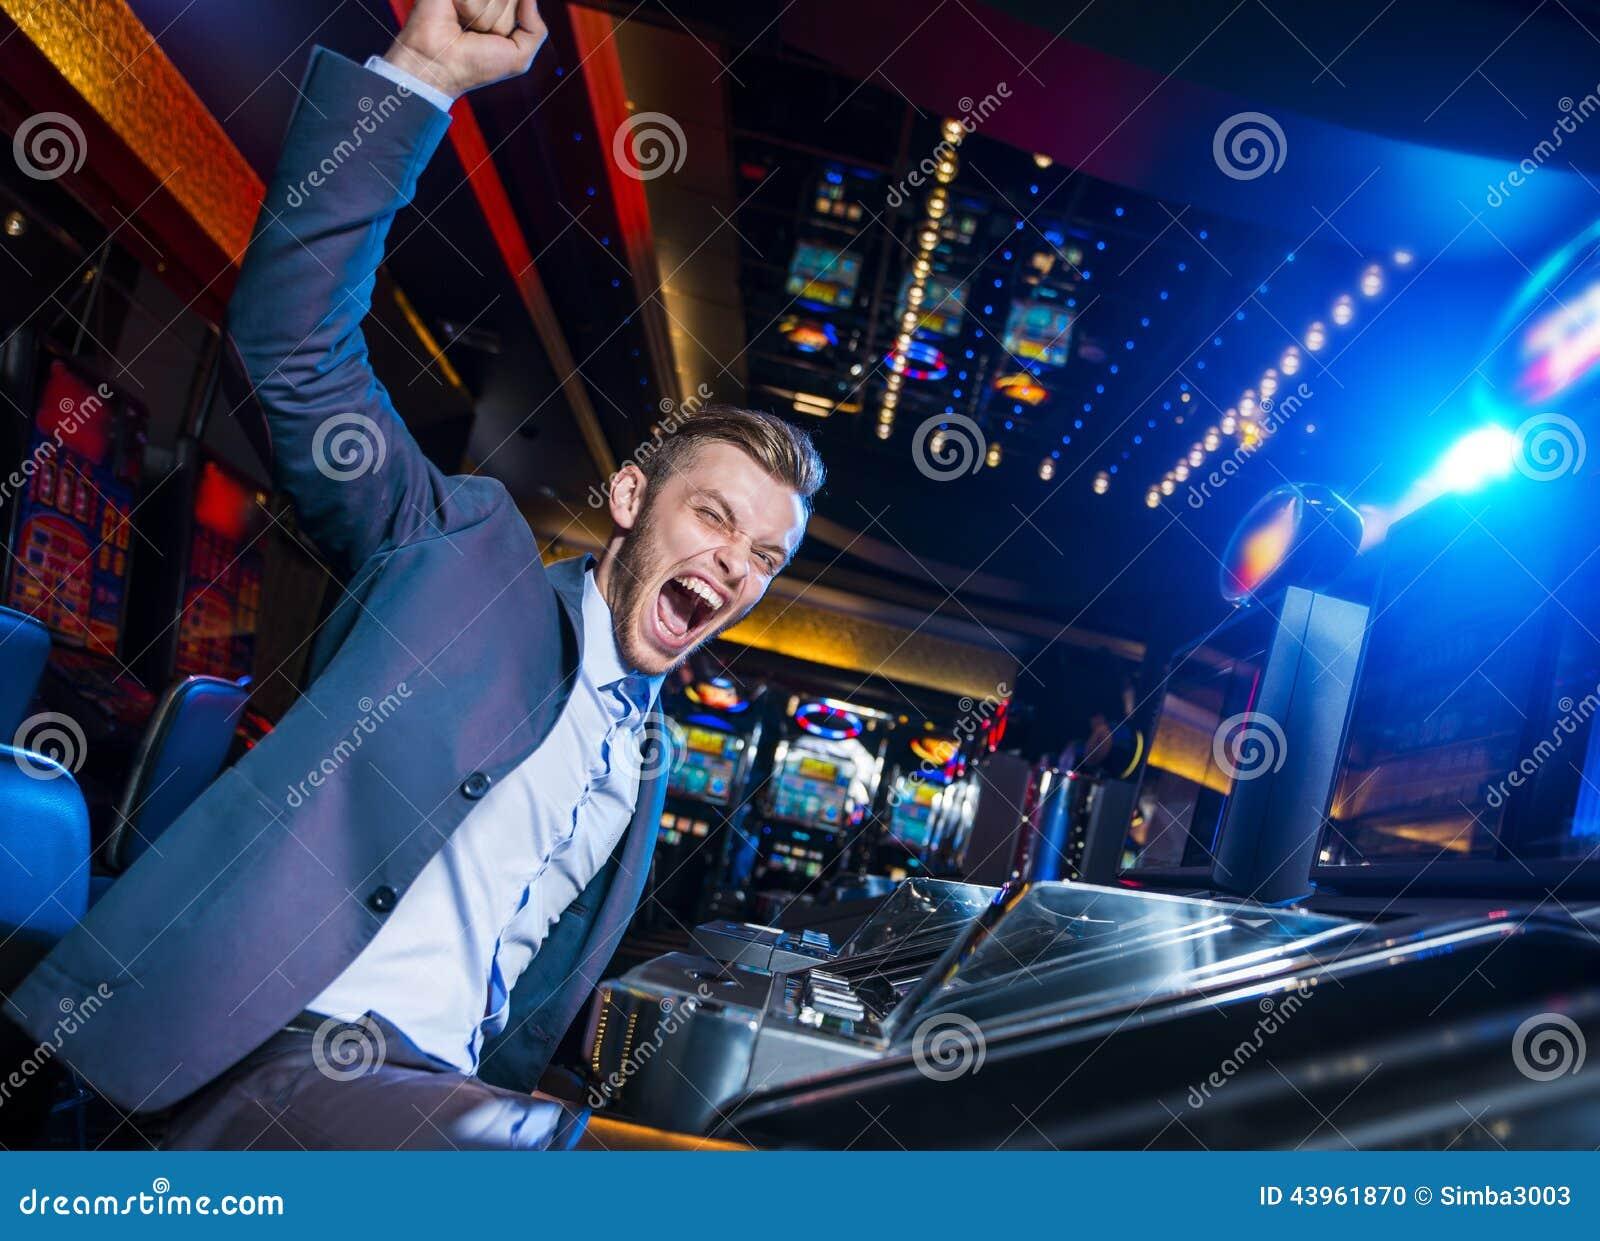 handsome man winning at the slot machine stock photo